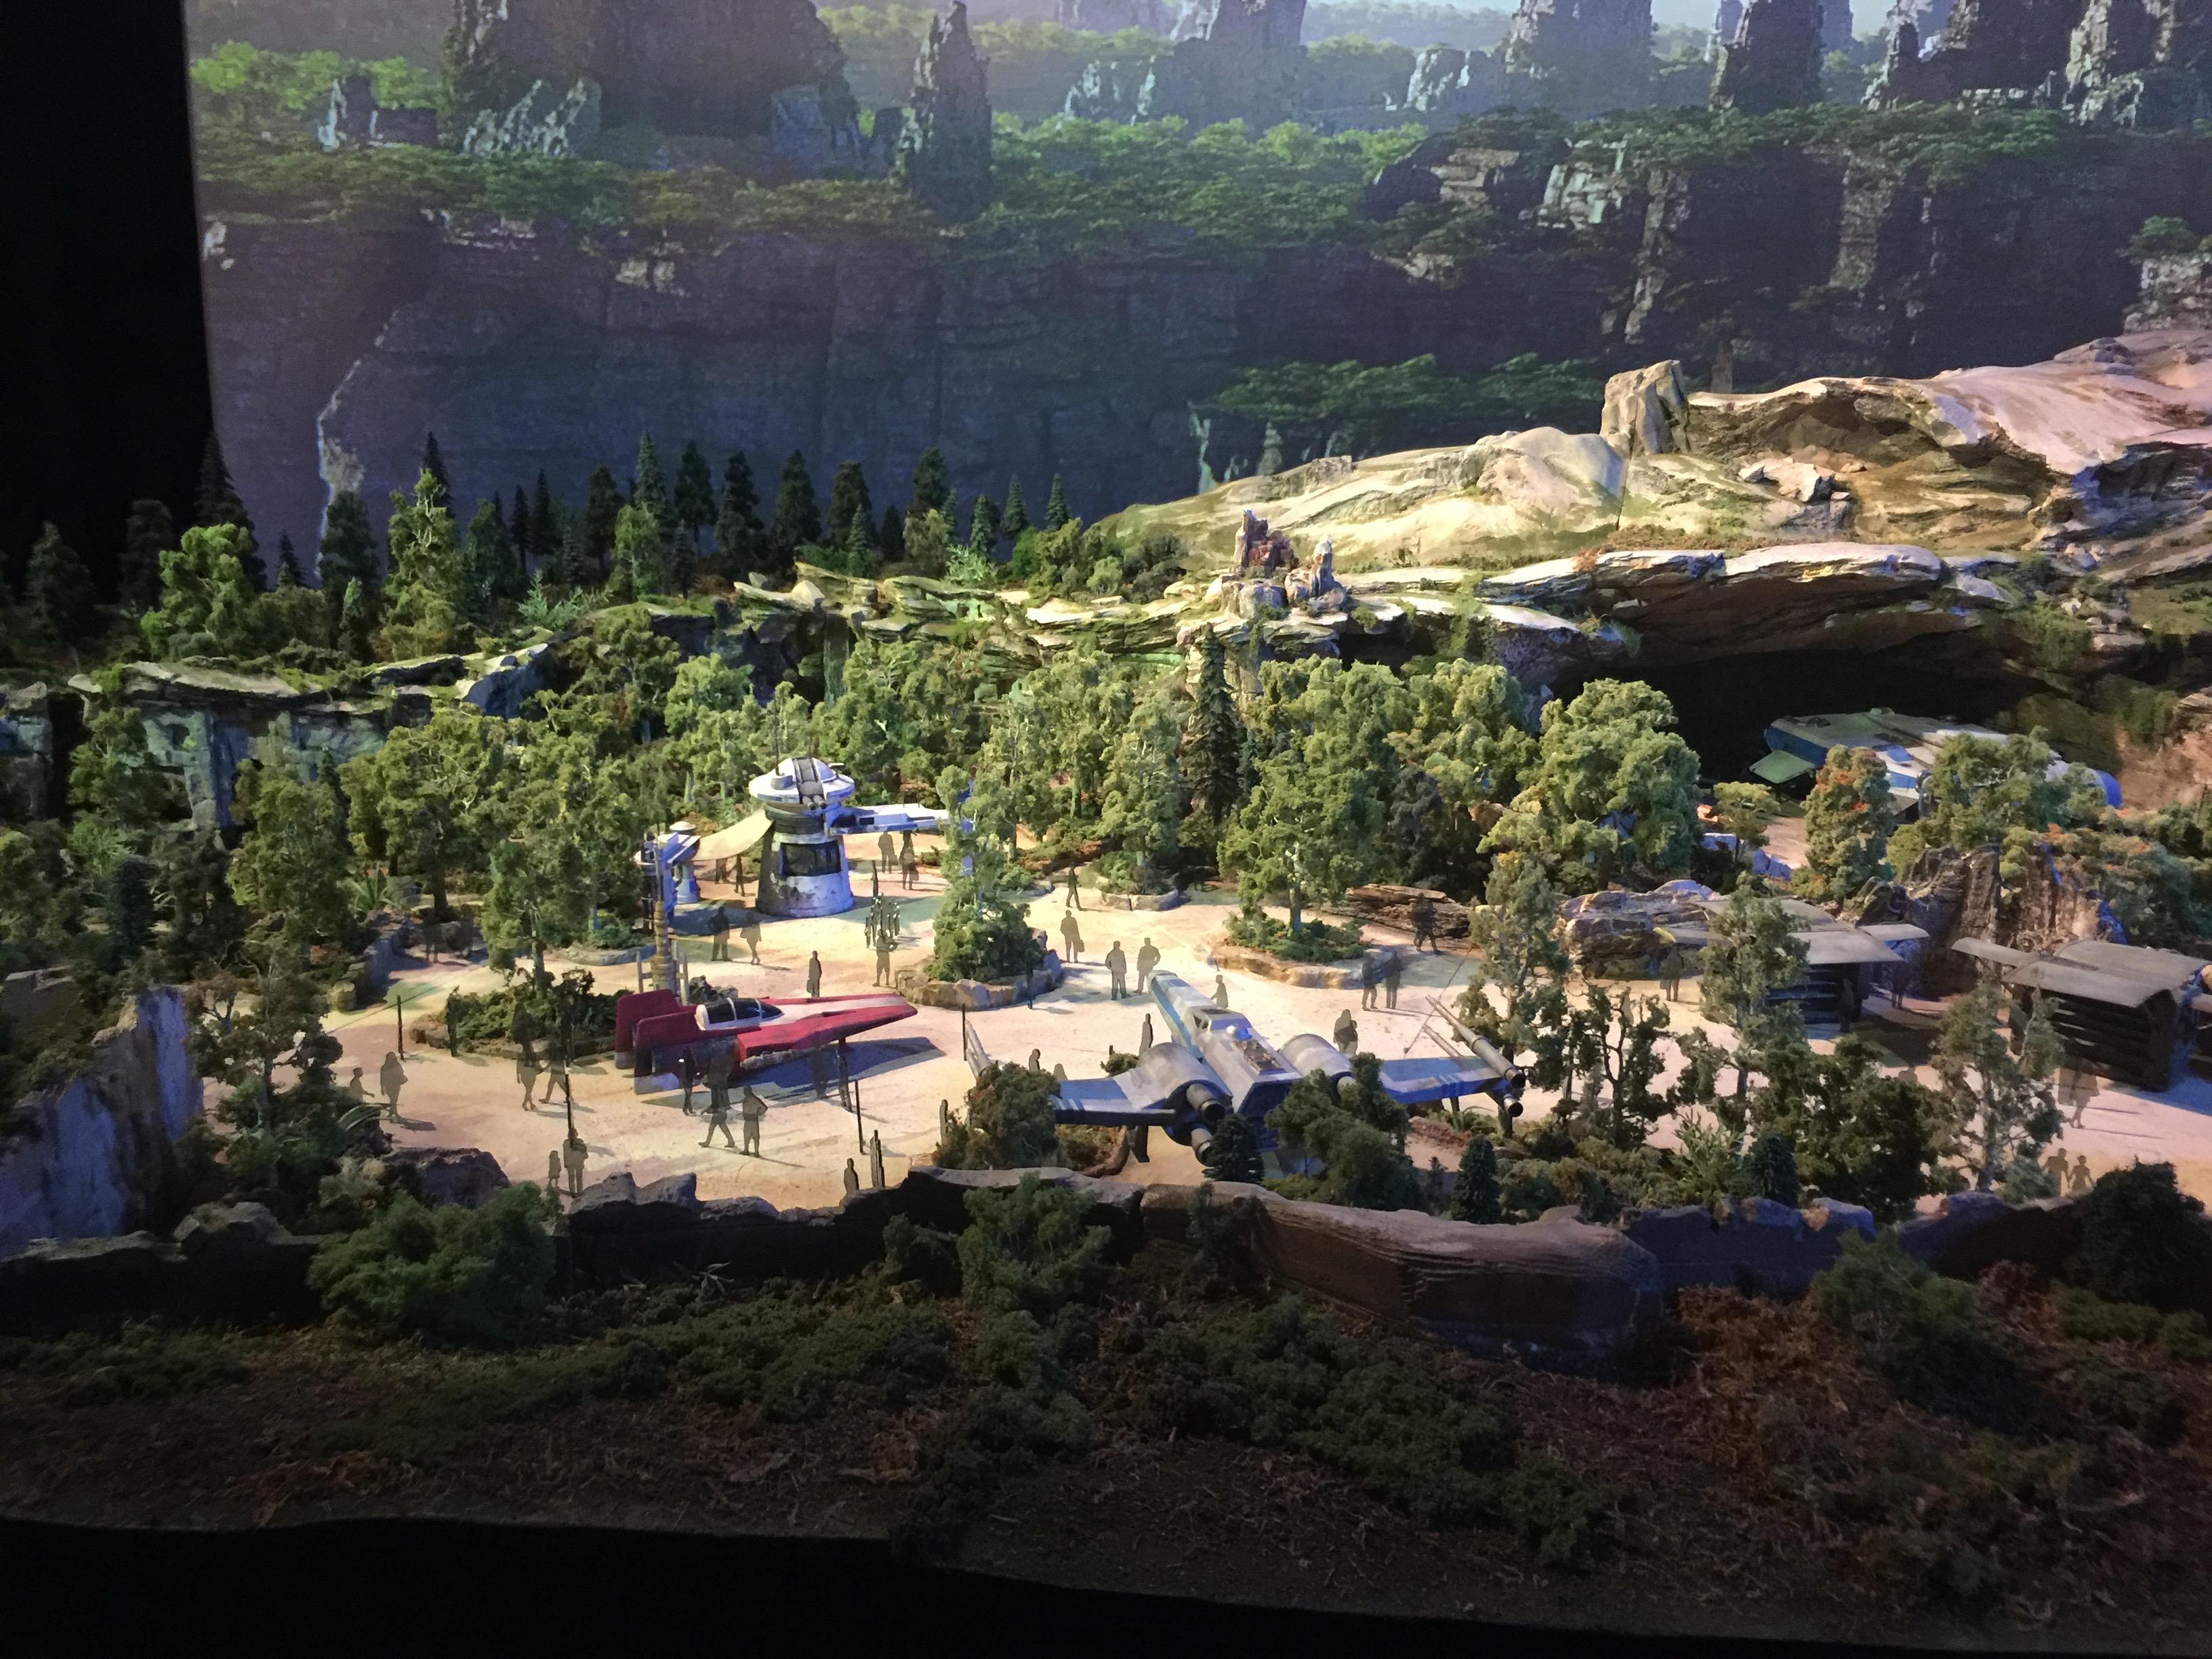 Maquette de Star Wars Land à D23 Expo